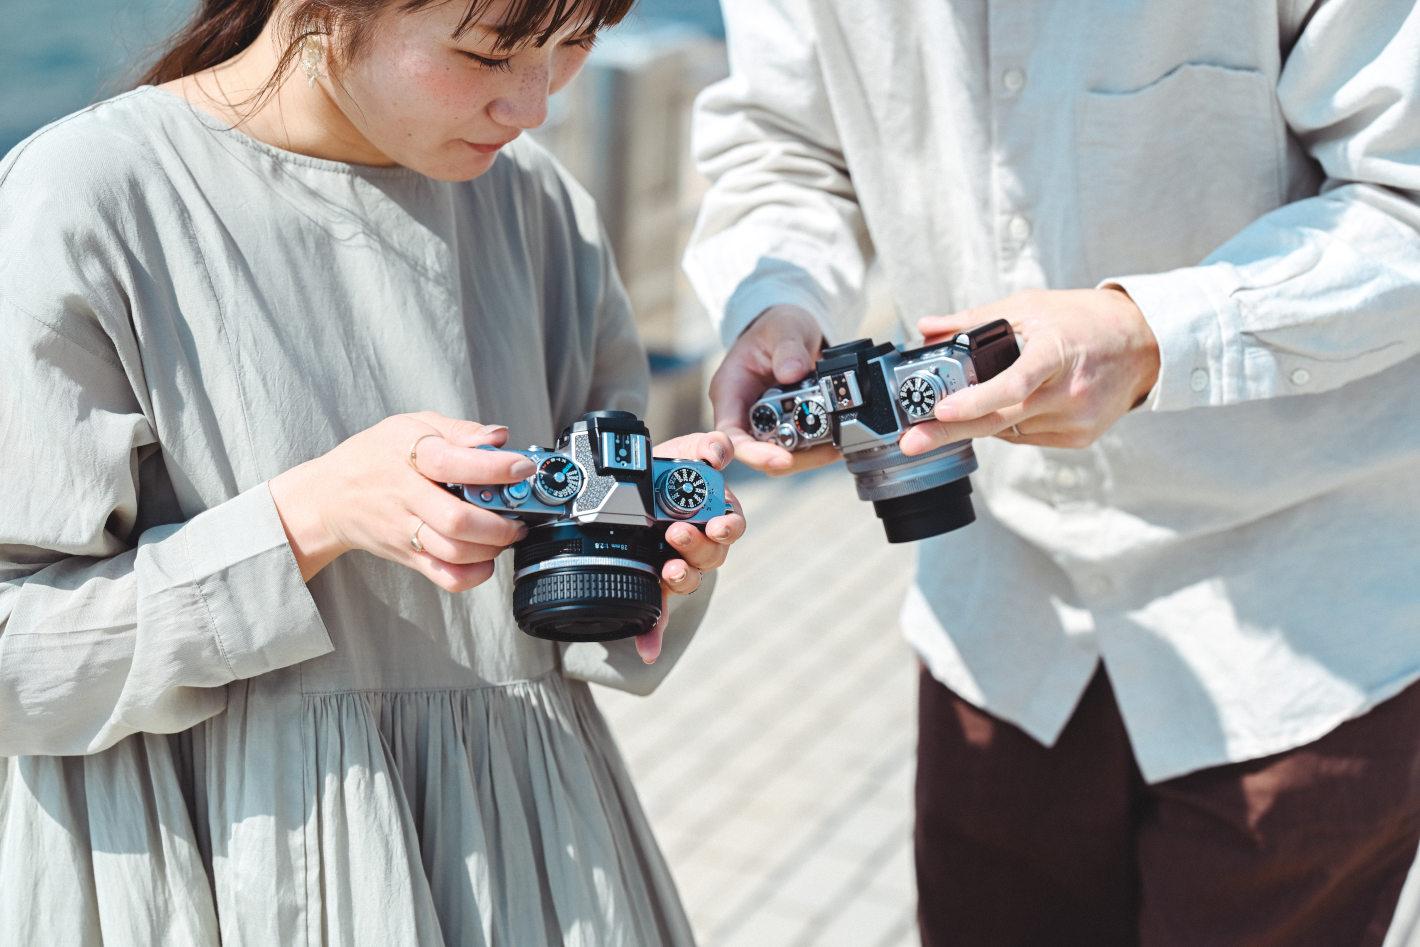 新ミラーレス「Z fc」。フィルムカメラで撮っているような感覚にドキドキした